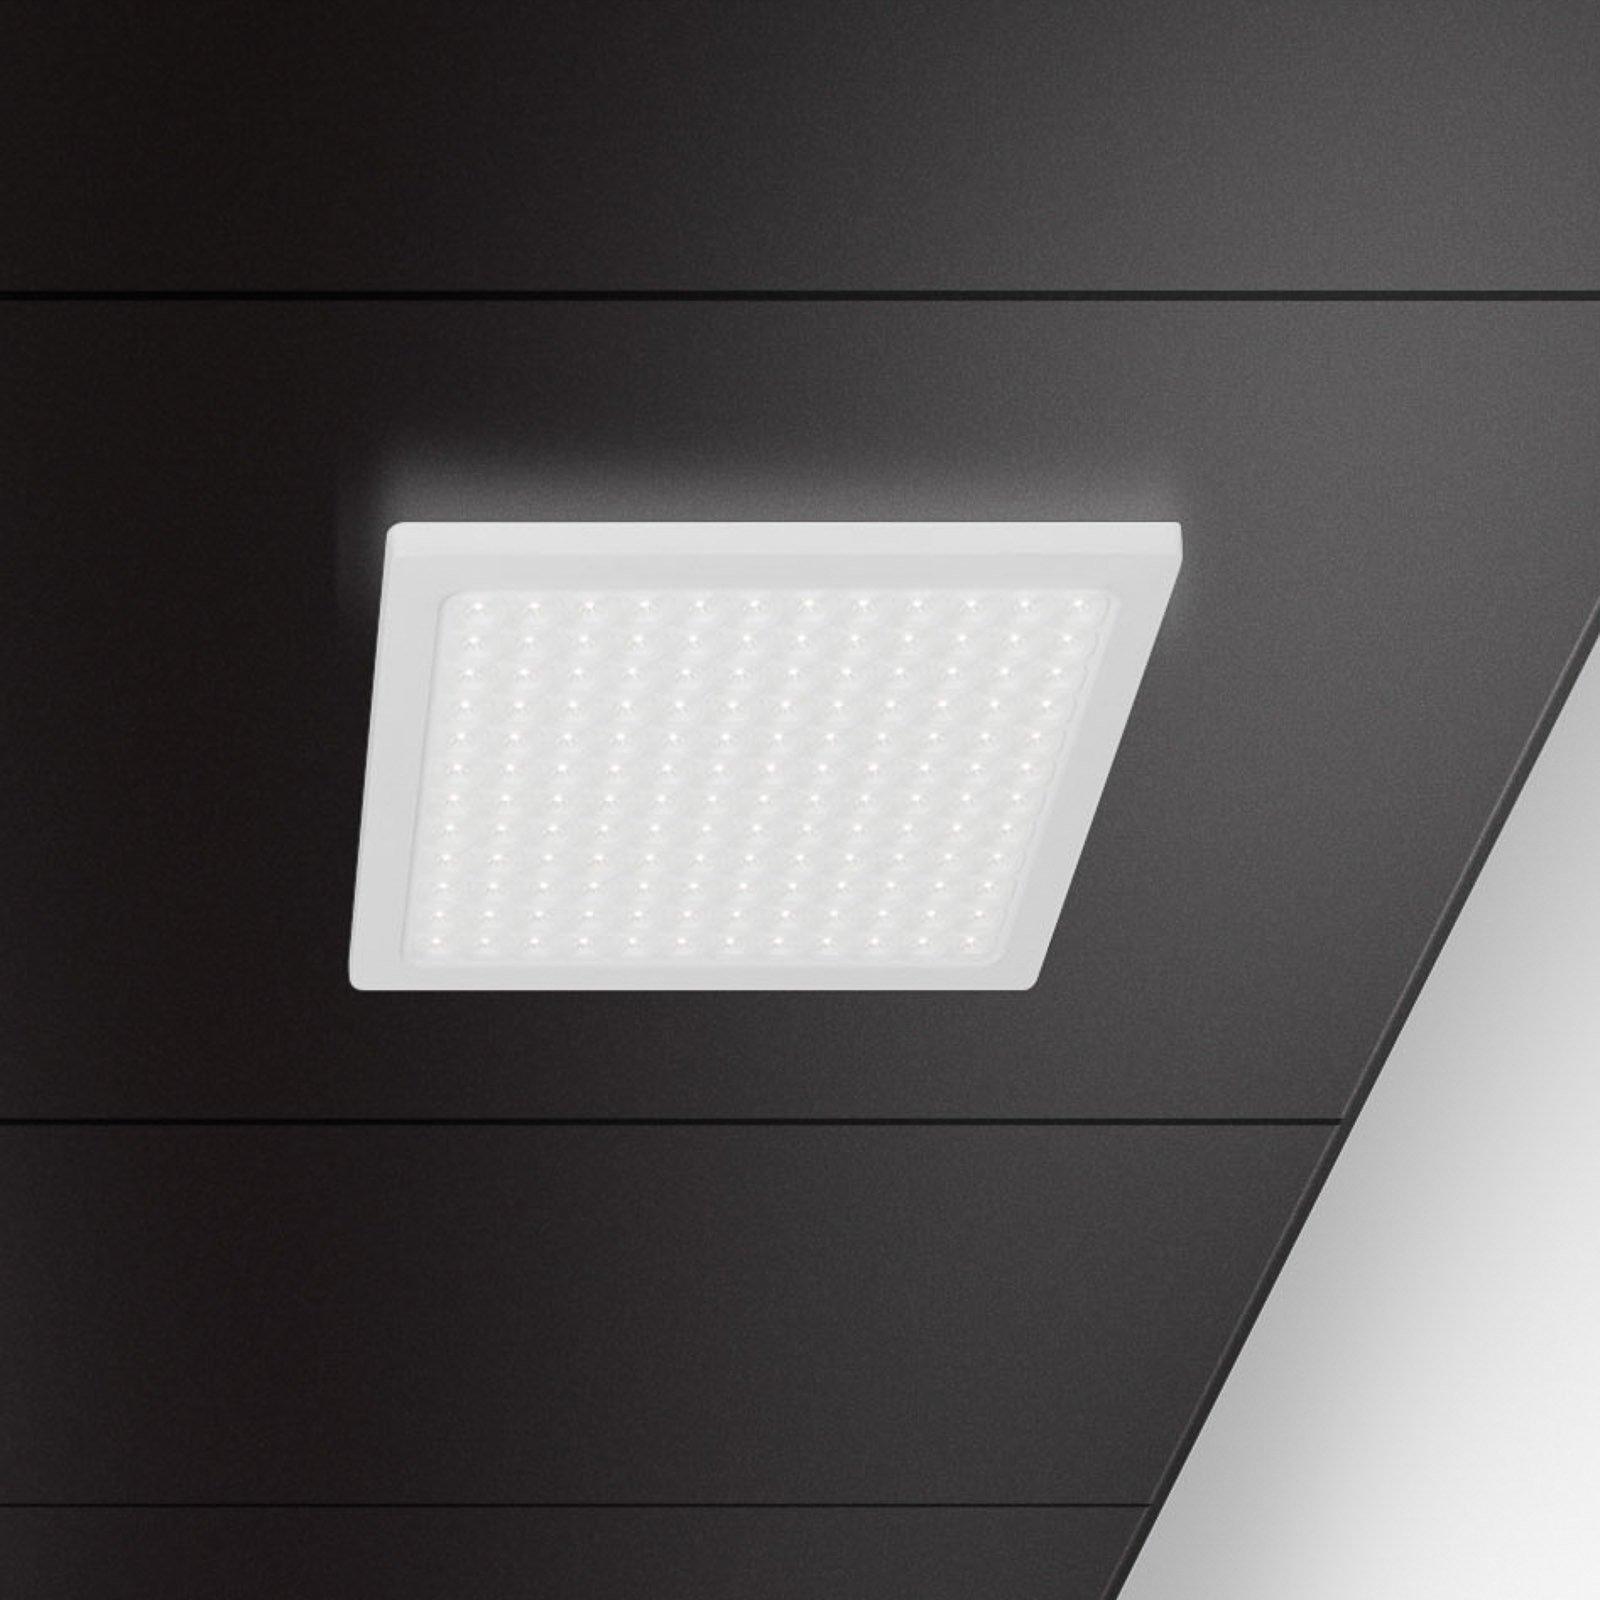 Regent Dime Office-taklampe 63cm 43 W 4000K